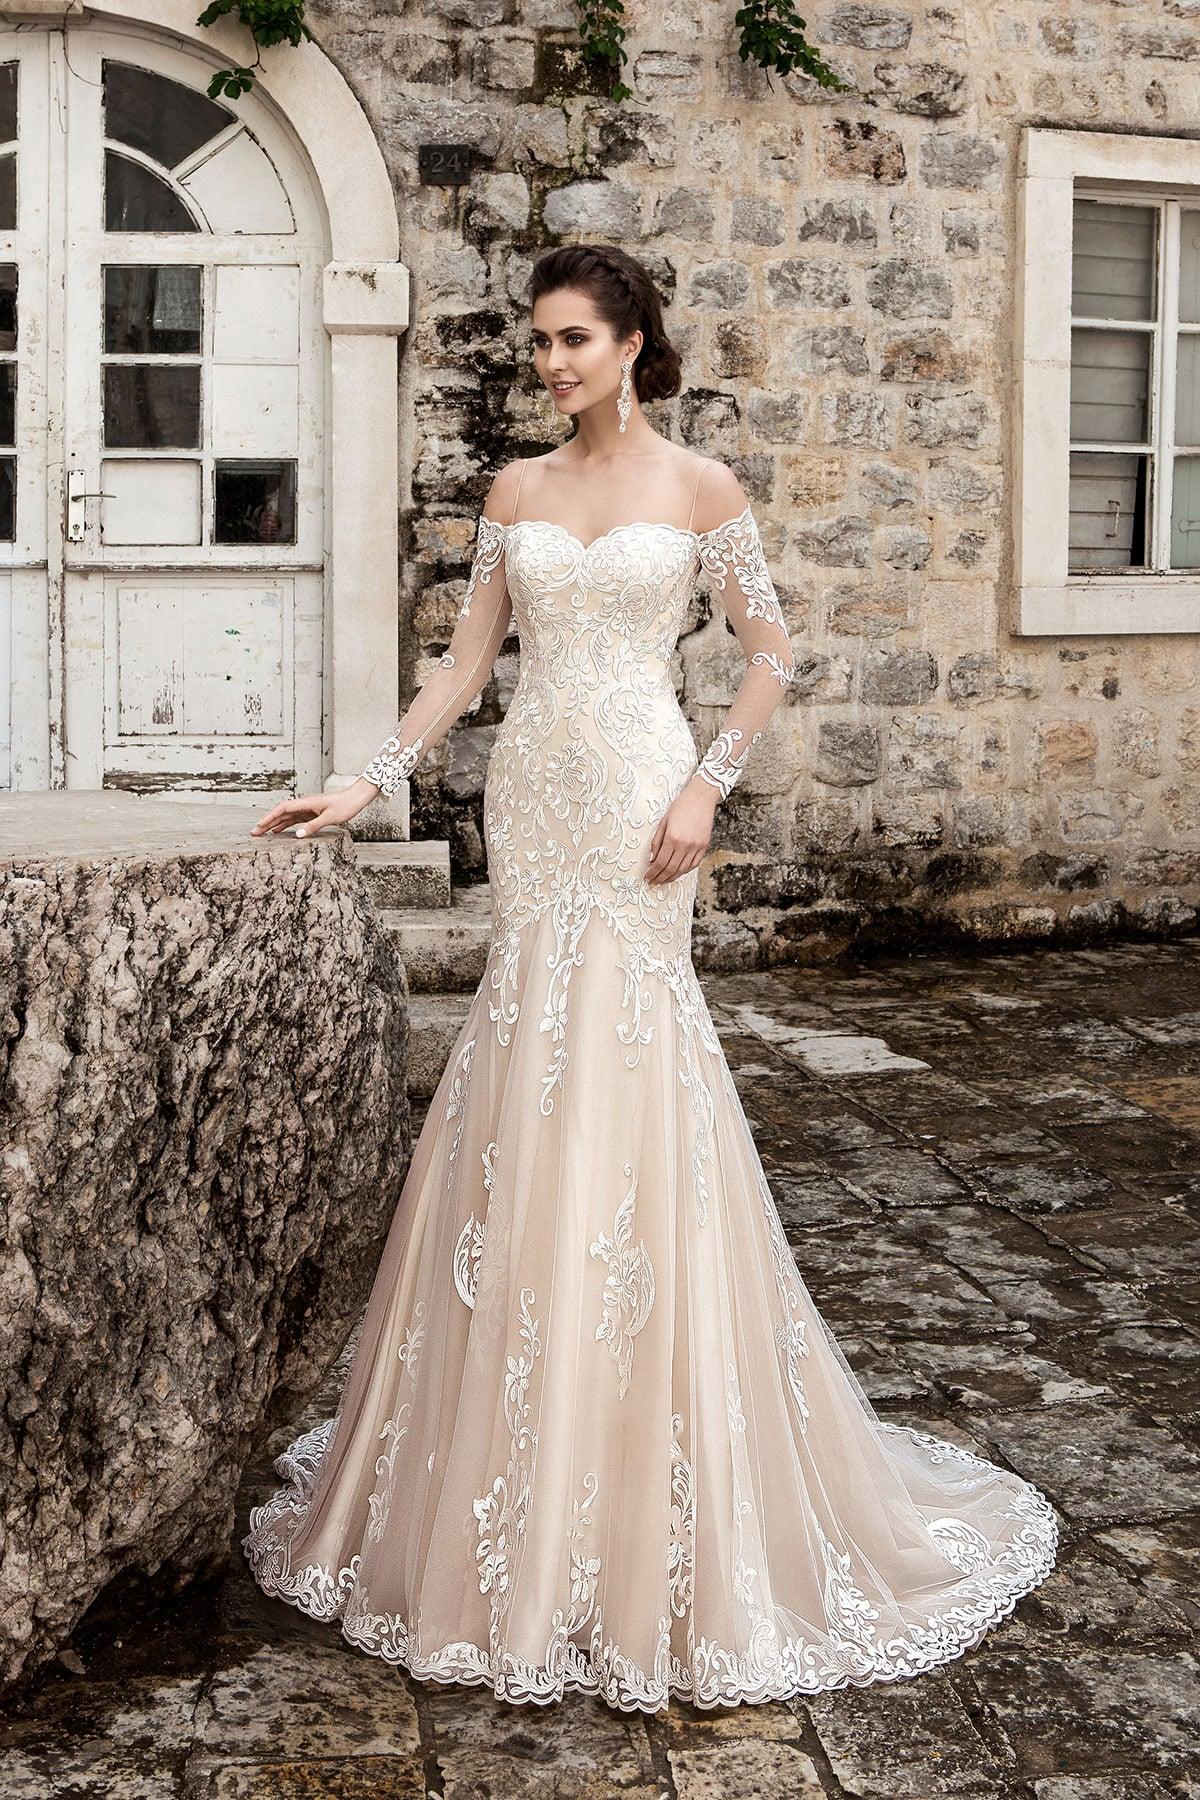 42f4f55b354f941 Кремовое свадебное платье с портретным декольте и длинными кружевными  рукавами.